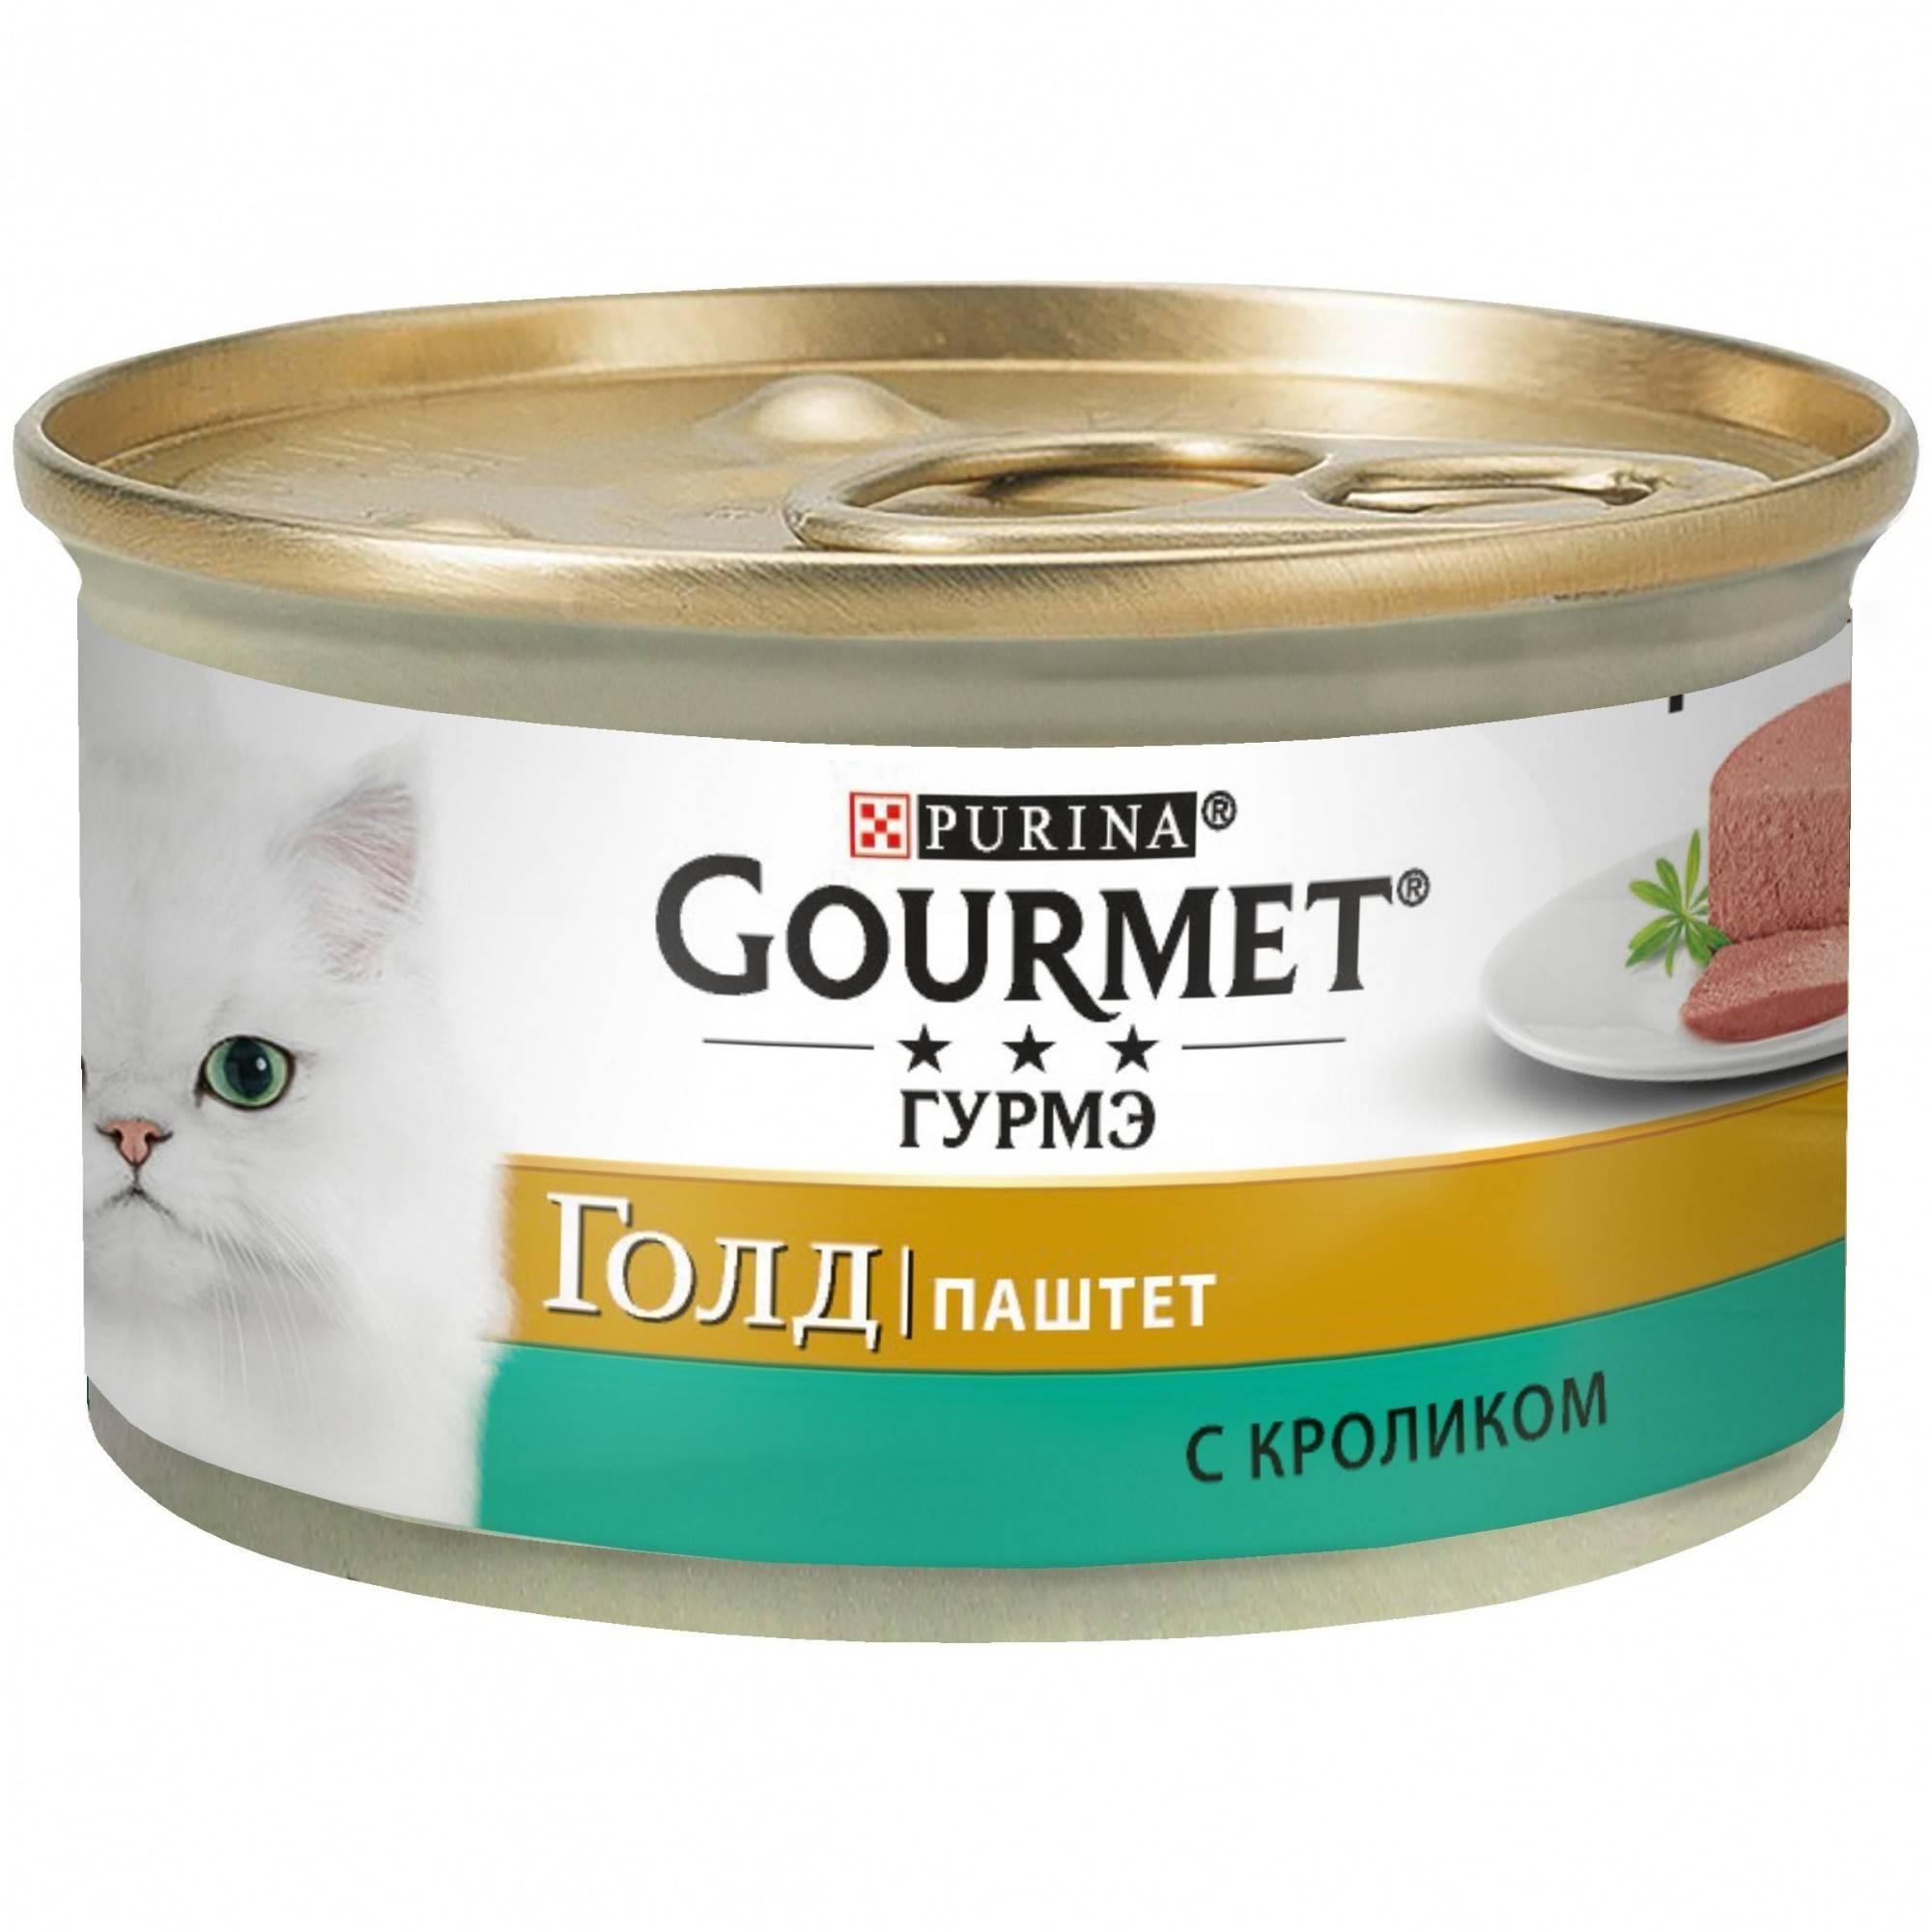 GOURMET Gold Pate Rabbit – консерва с кроликом для взрослых котов